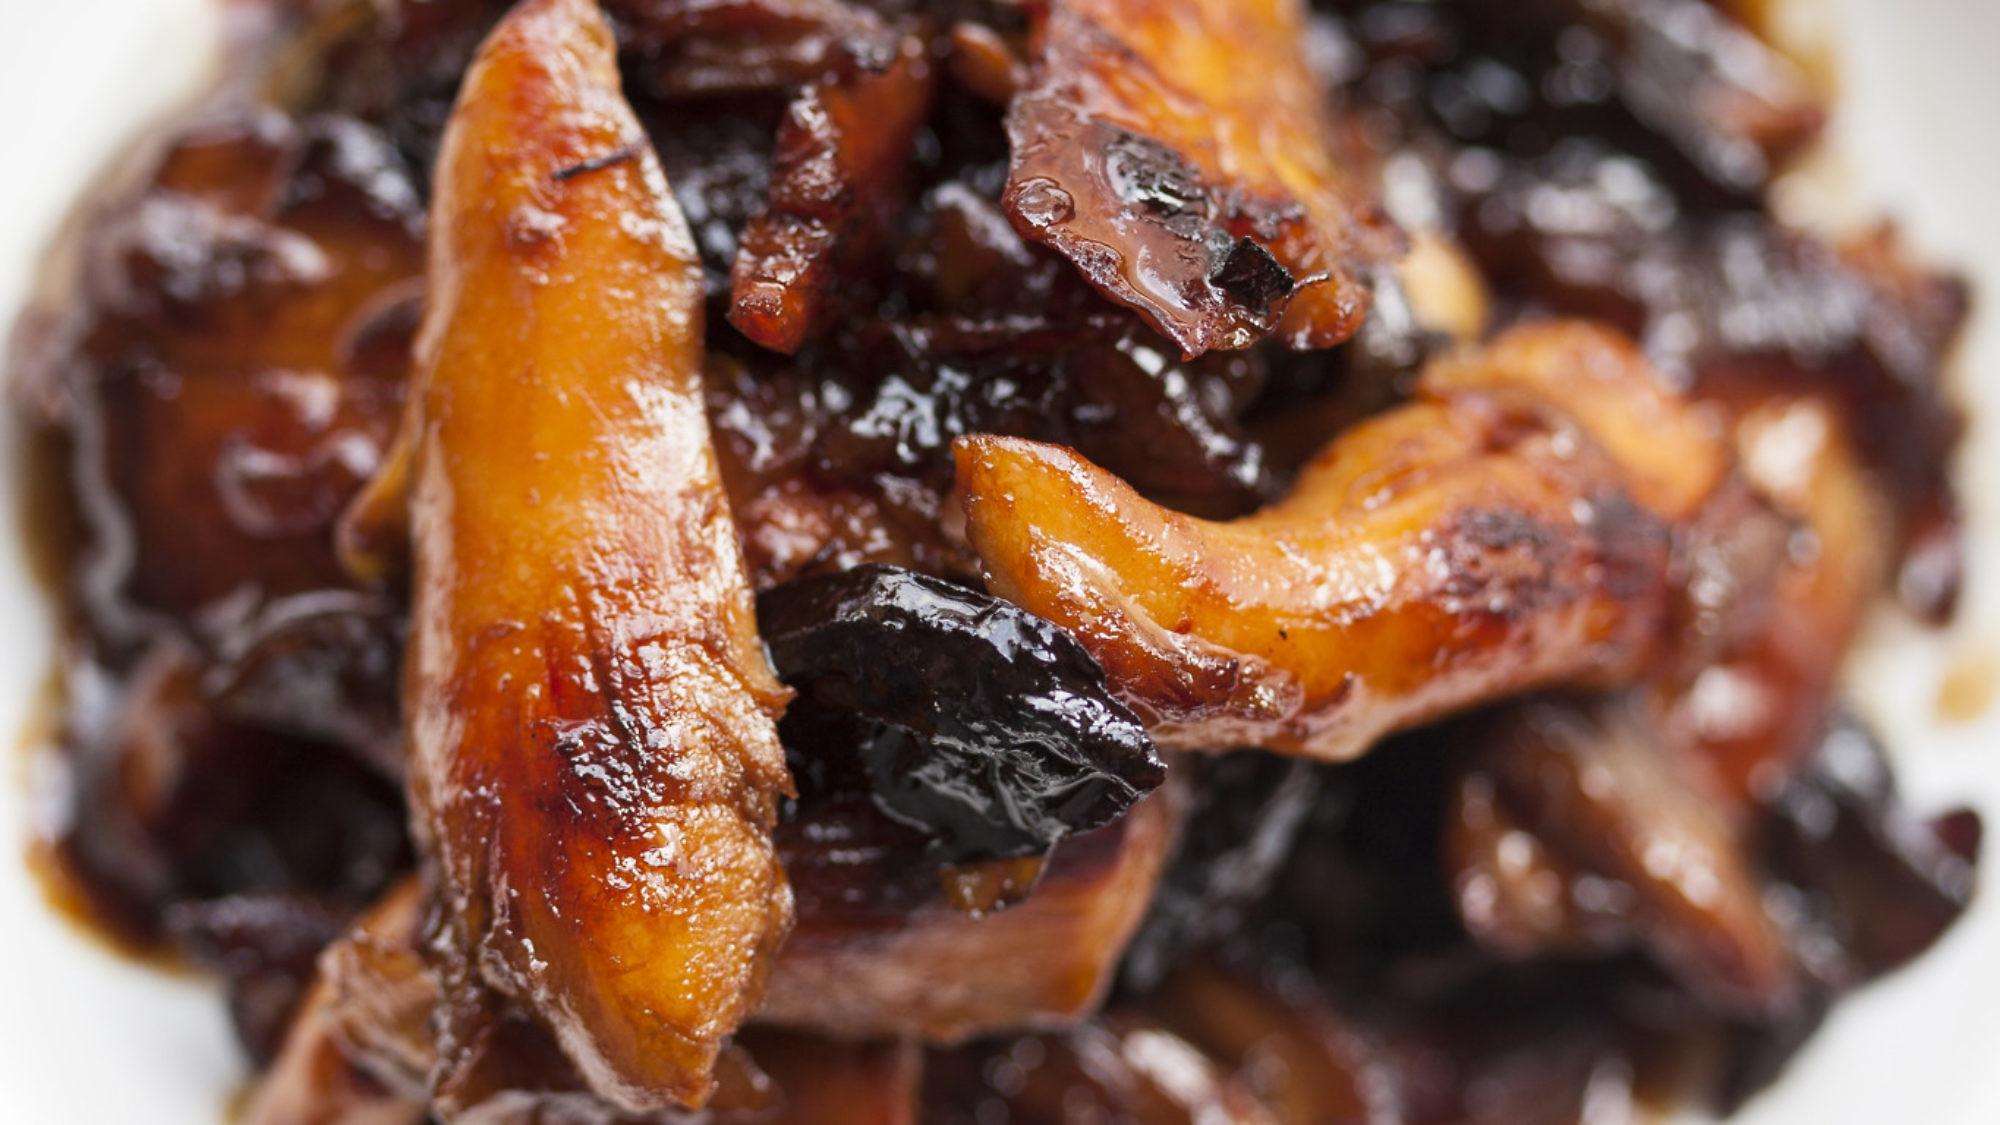 עוף מרוקאי מקורמל בבצל ושזיפים של שף צ'רלי פדידה. צילום: אפיק גבאי